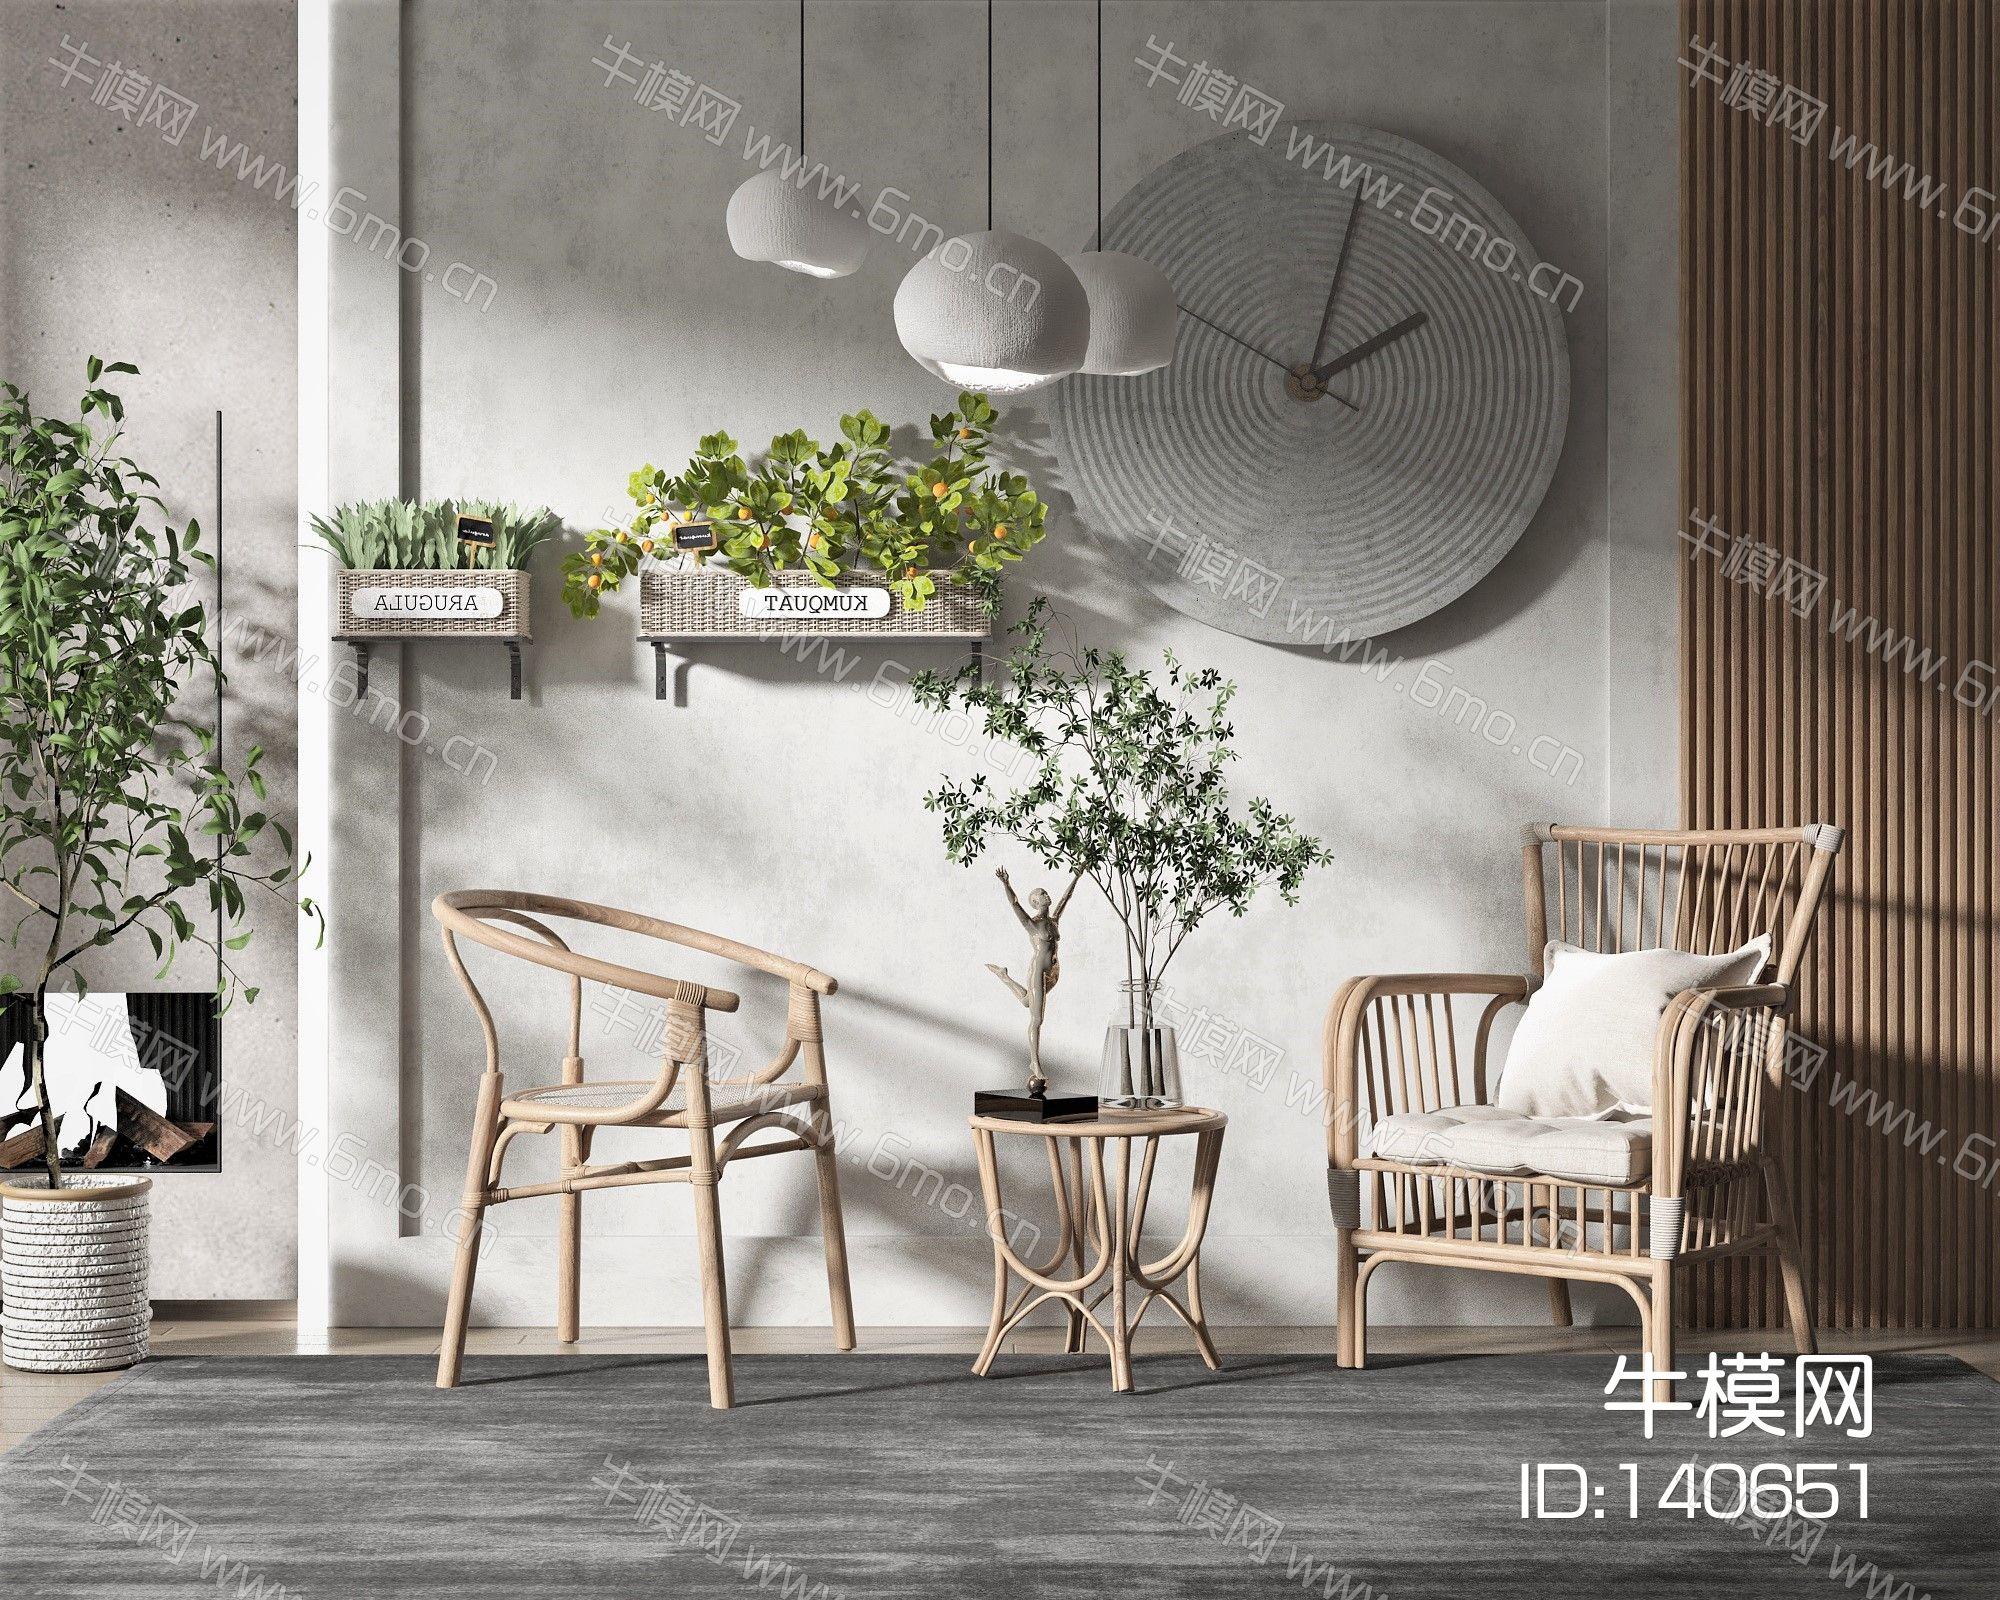 现代风格单椅边几,墙饰,挂墙植物